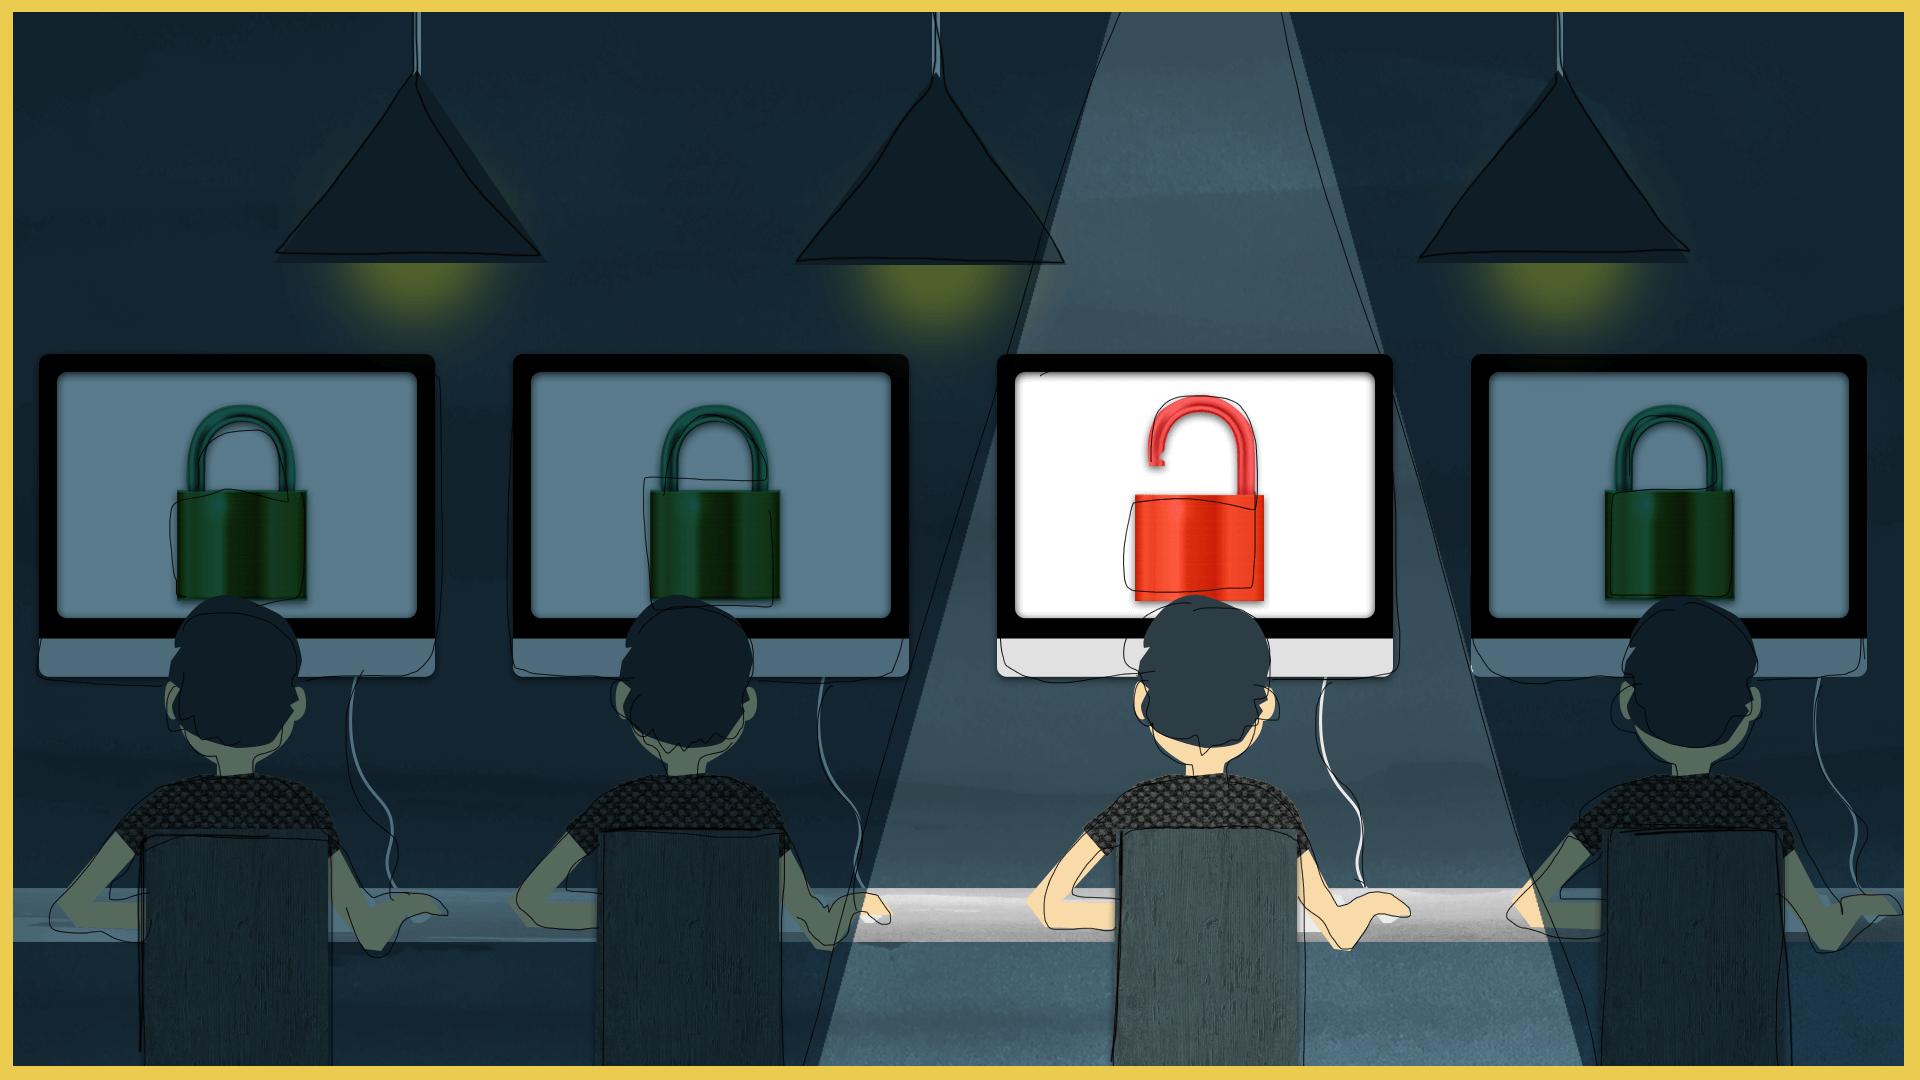 Skats hjemmeside er ikke en sikker forbindelse | Ligetil | DR